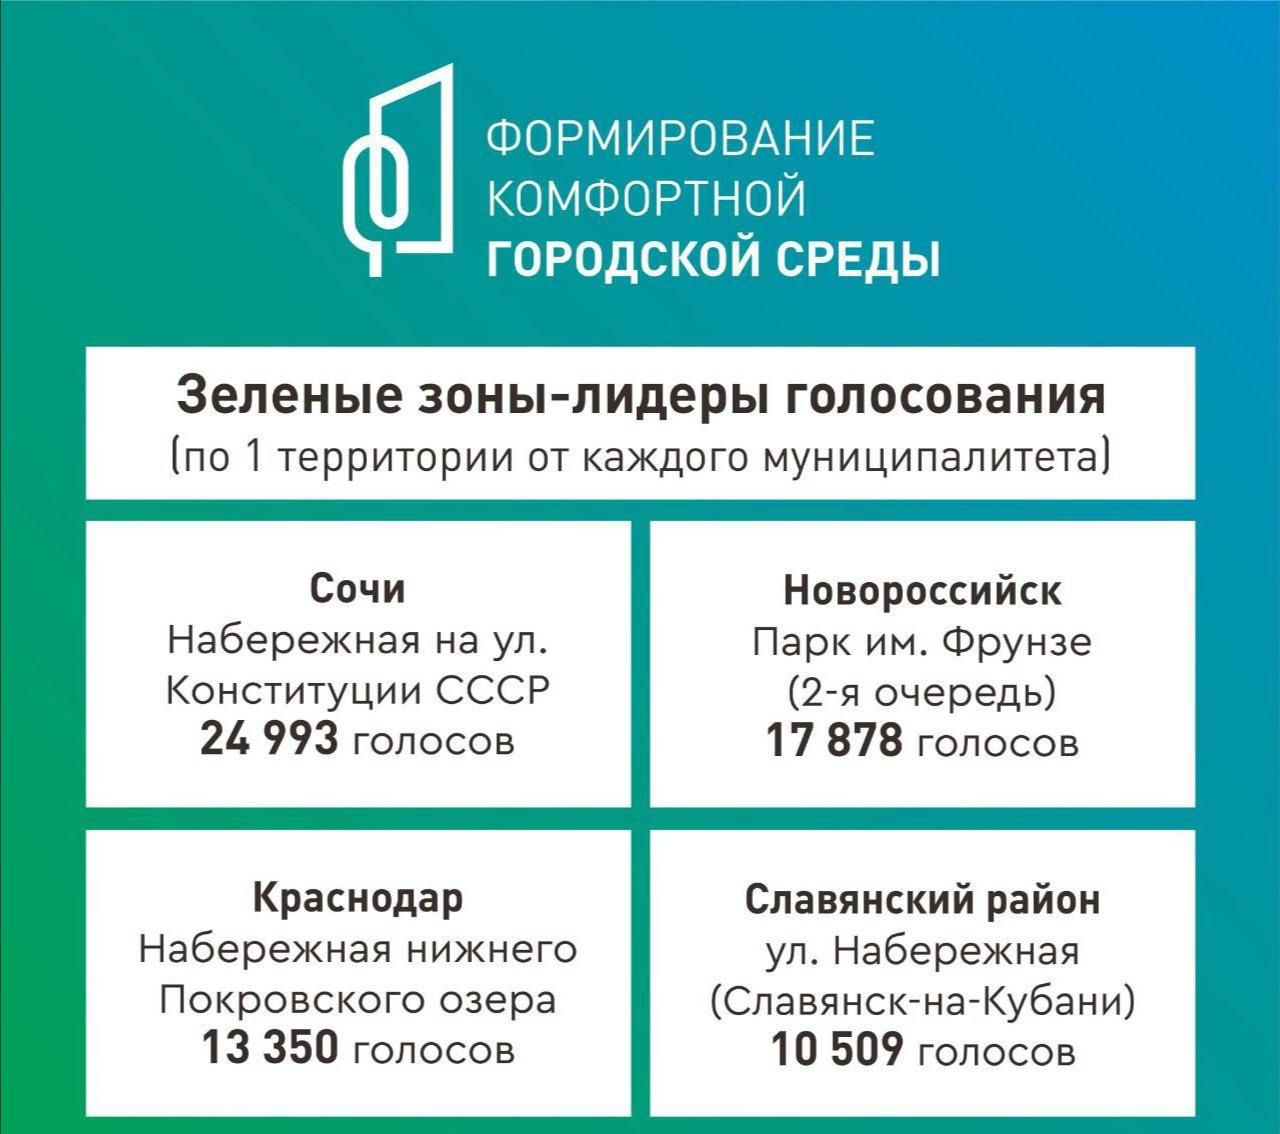 За благоустройство зеленых зон в Краснодарском крае проголосовали порядка 450 тысяч человек